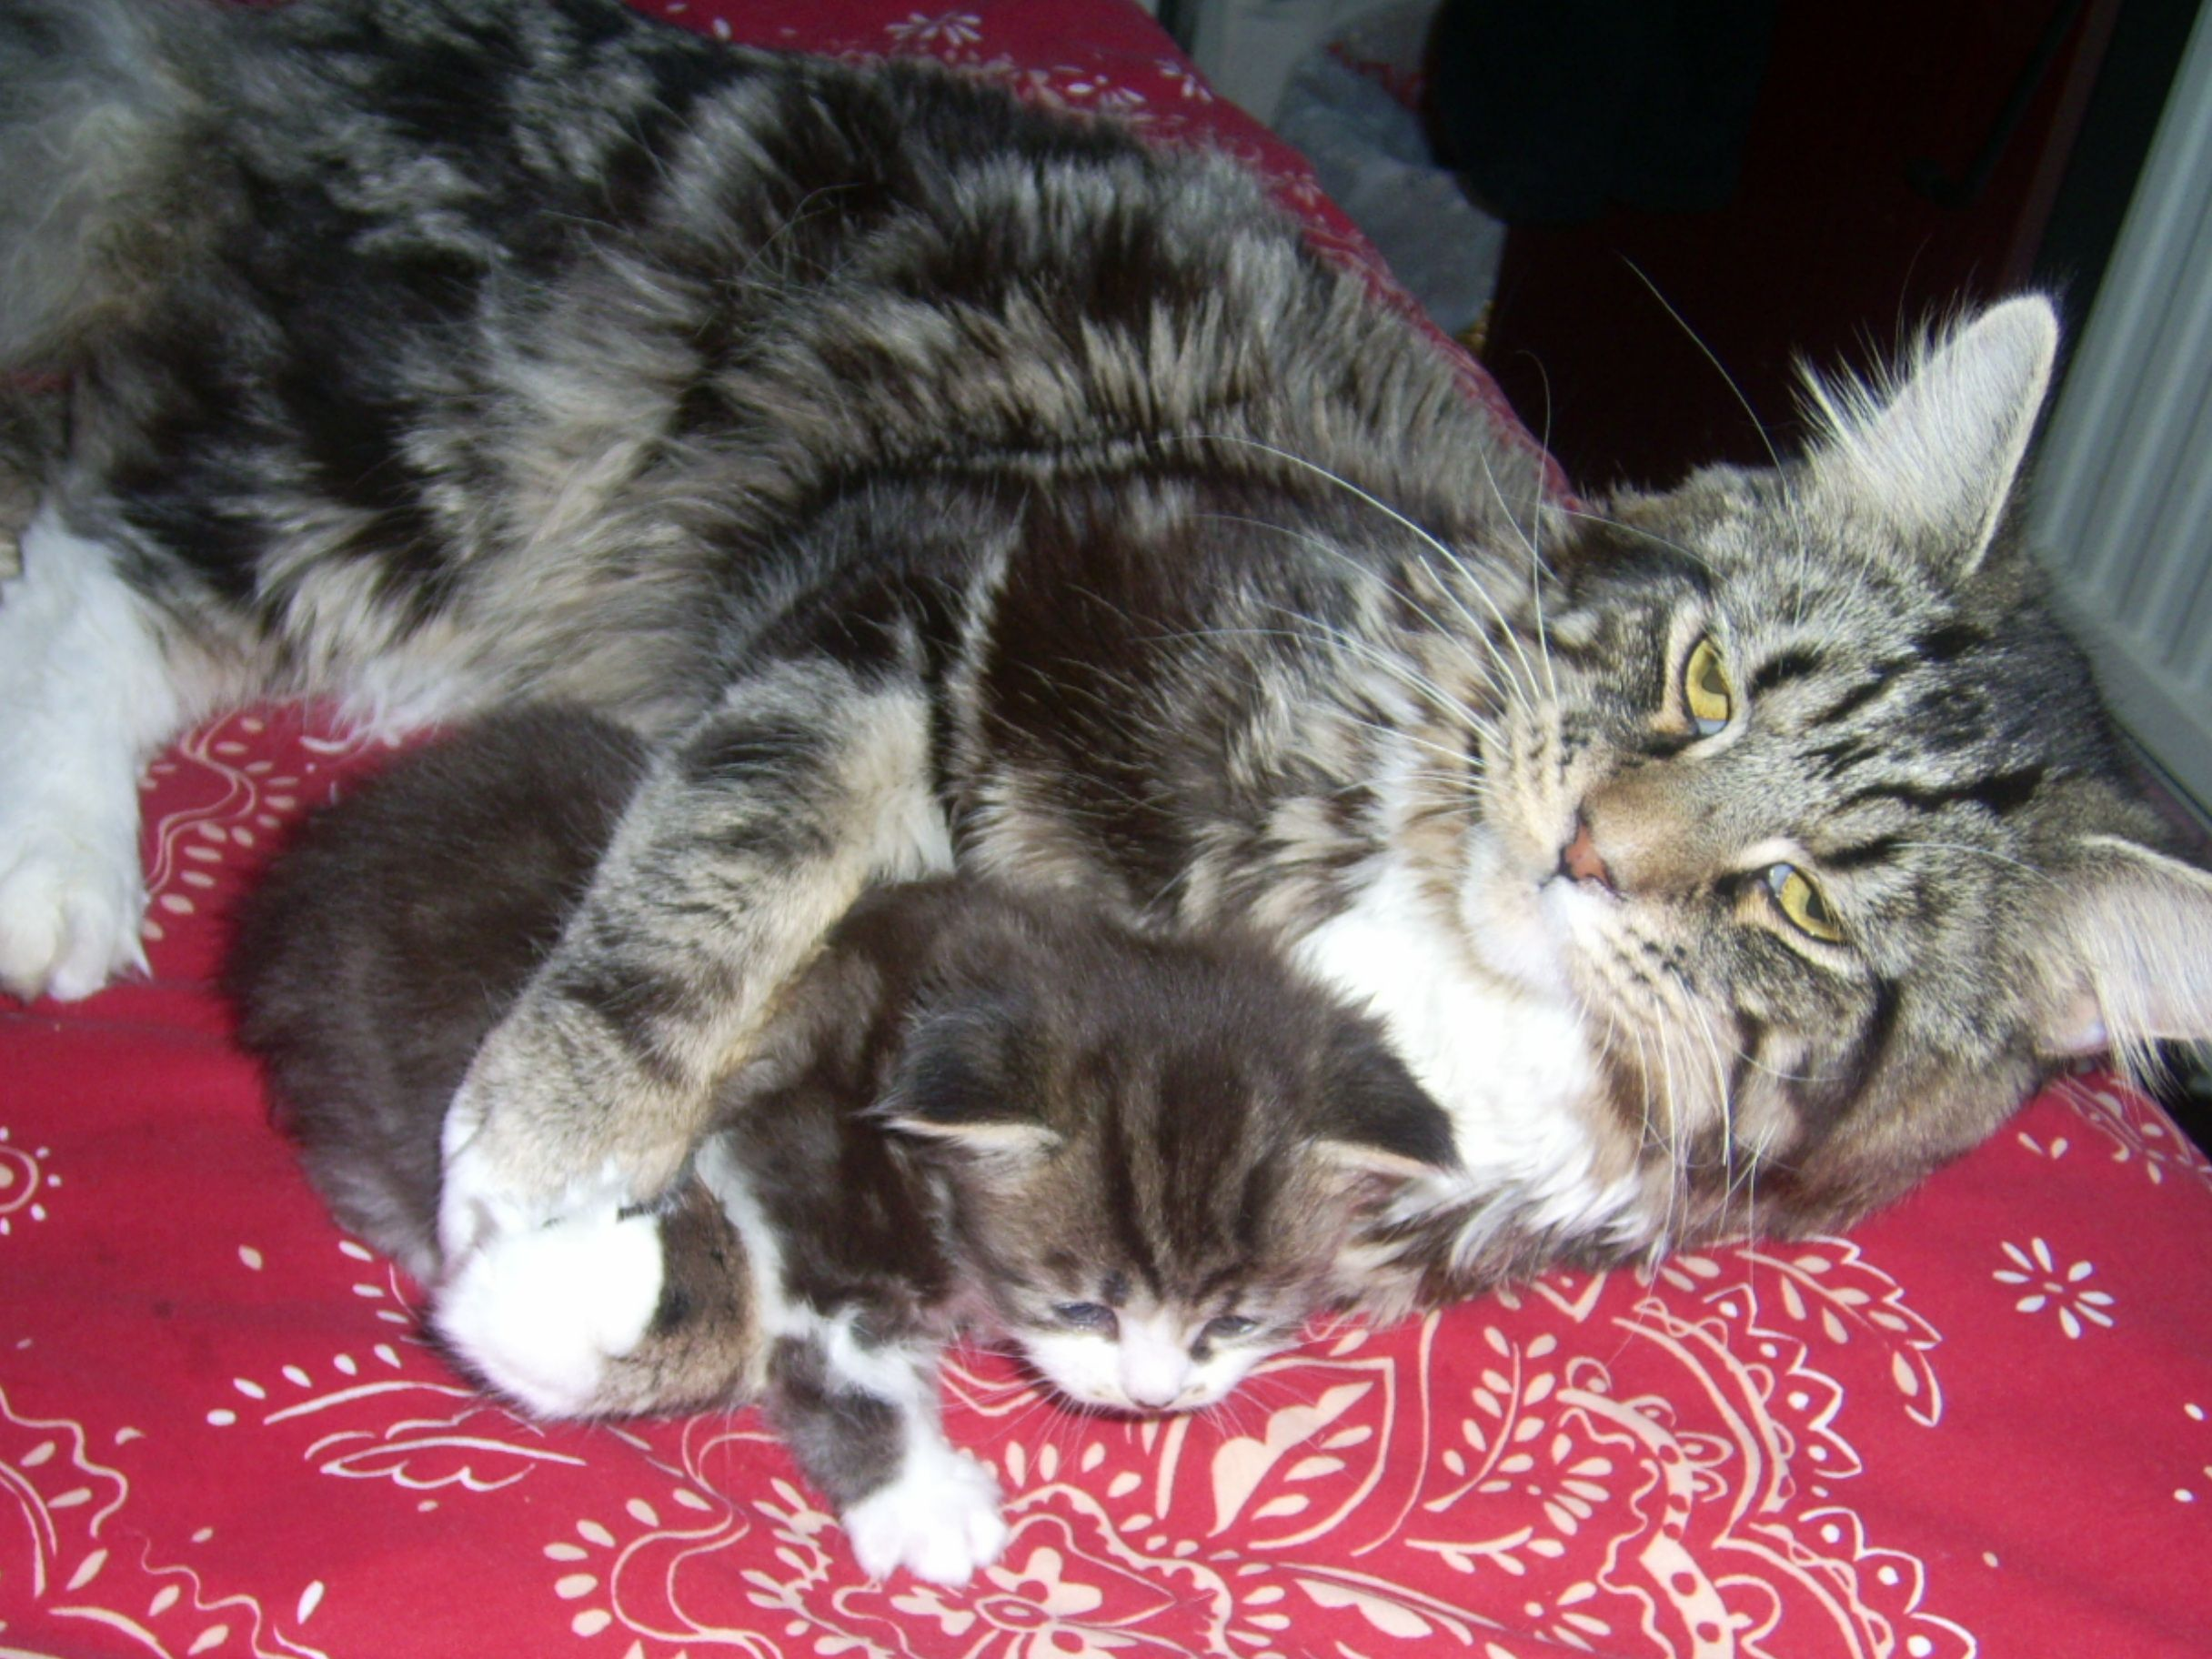 Mummy wants cuddle